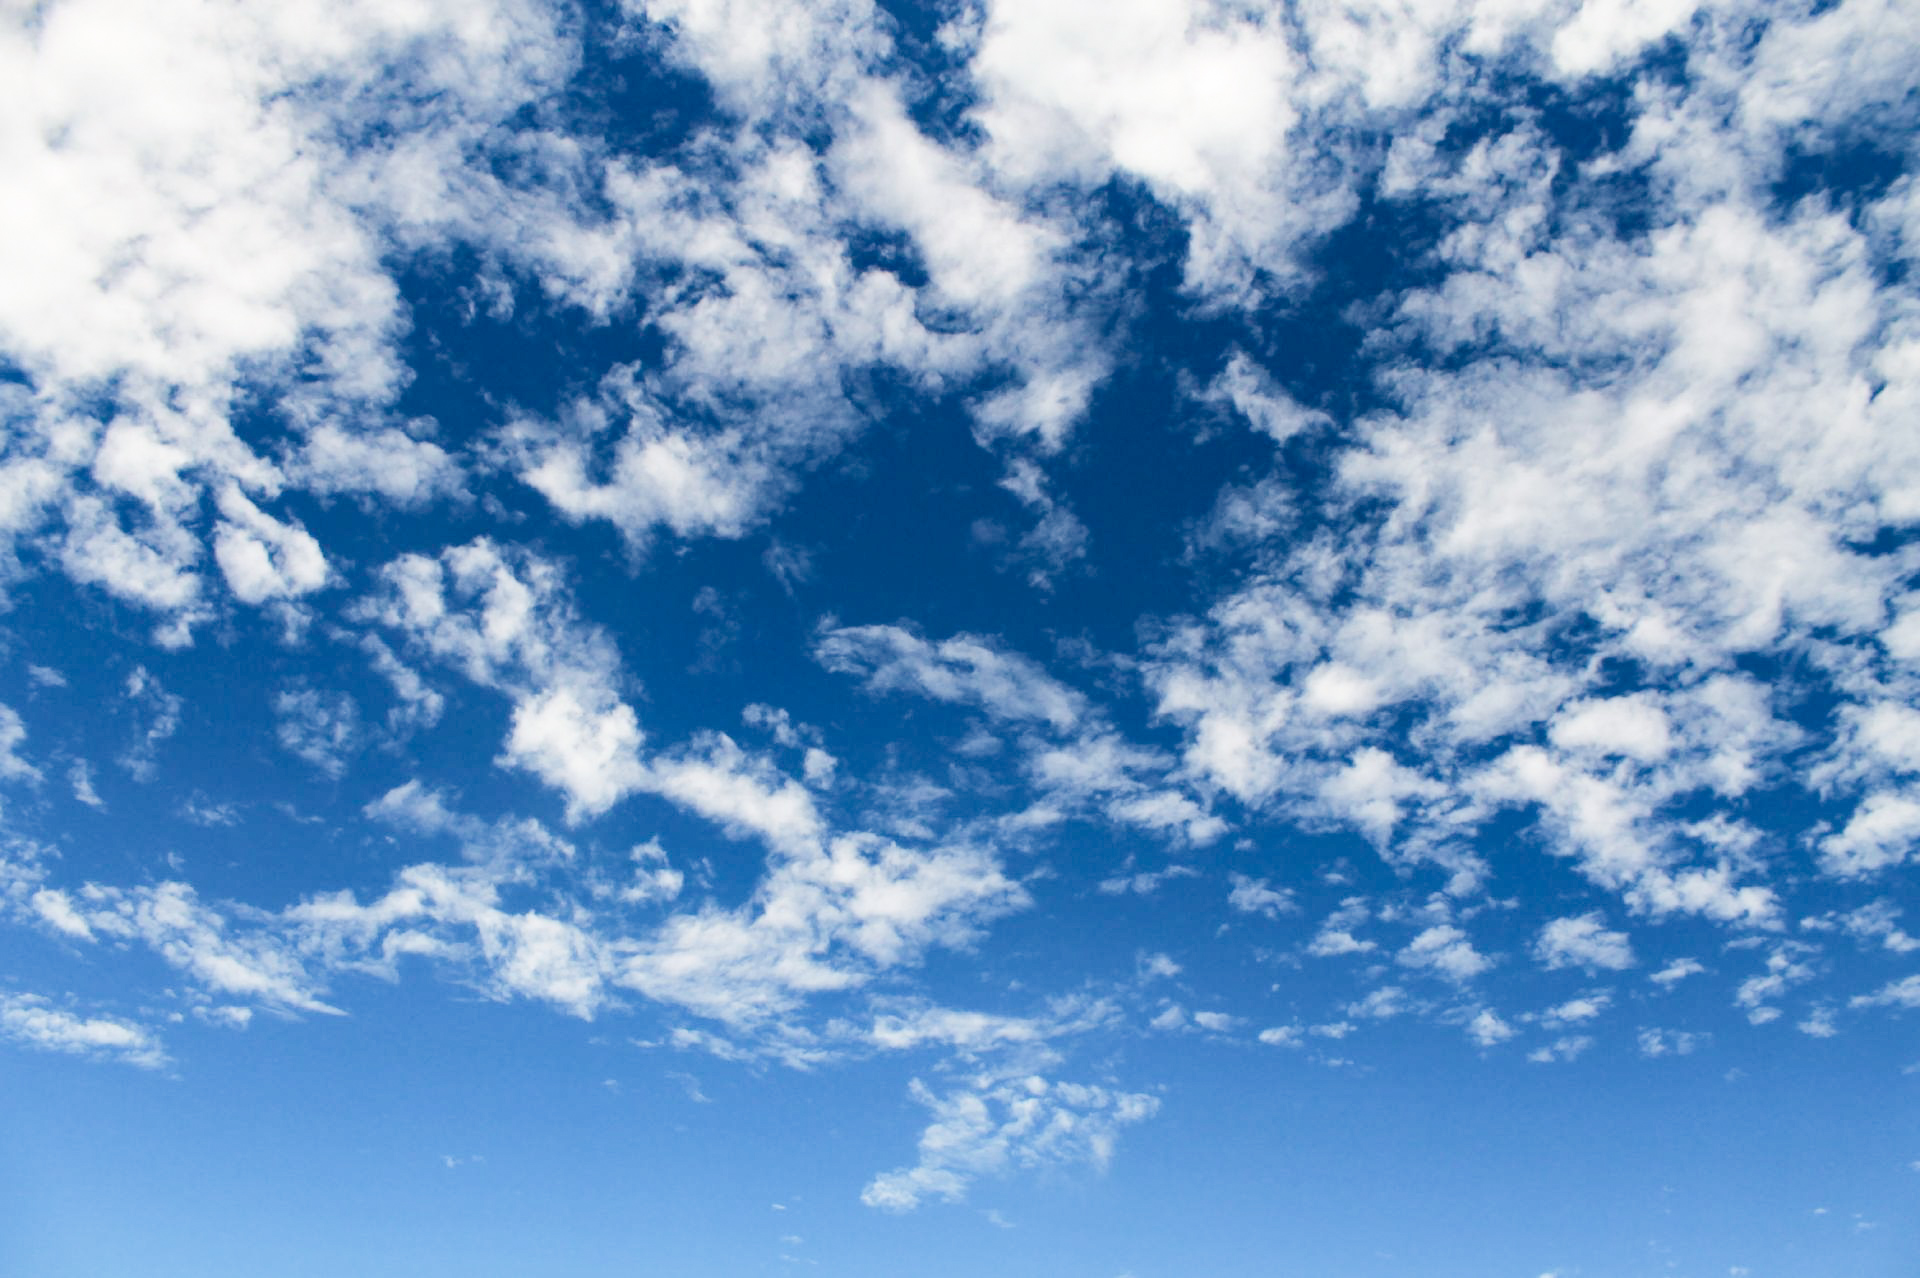 青空に薄くかかる白い雲